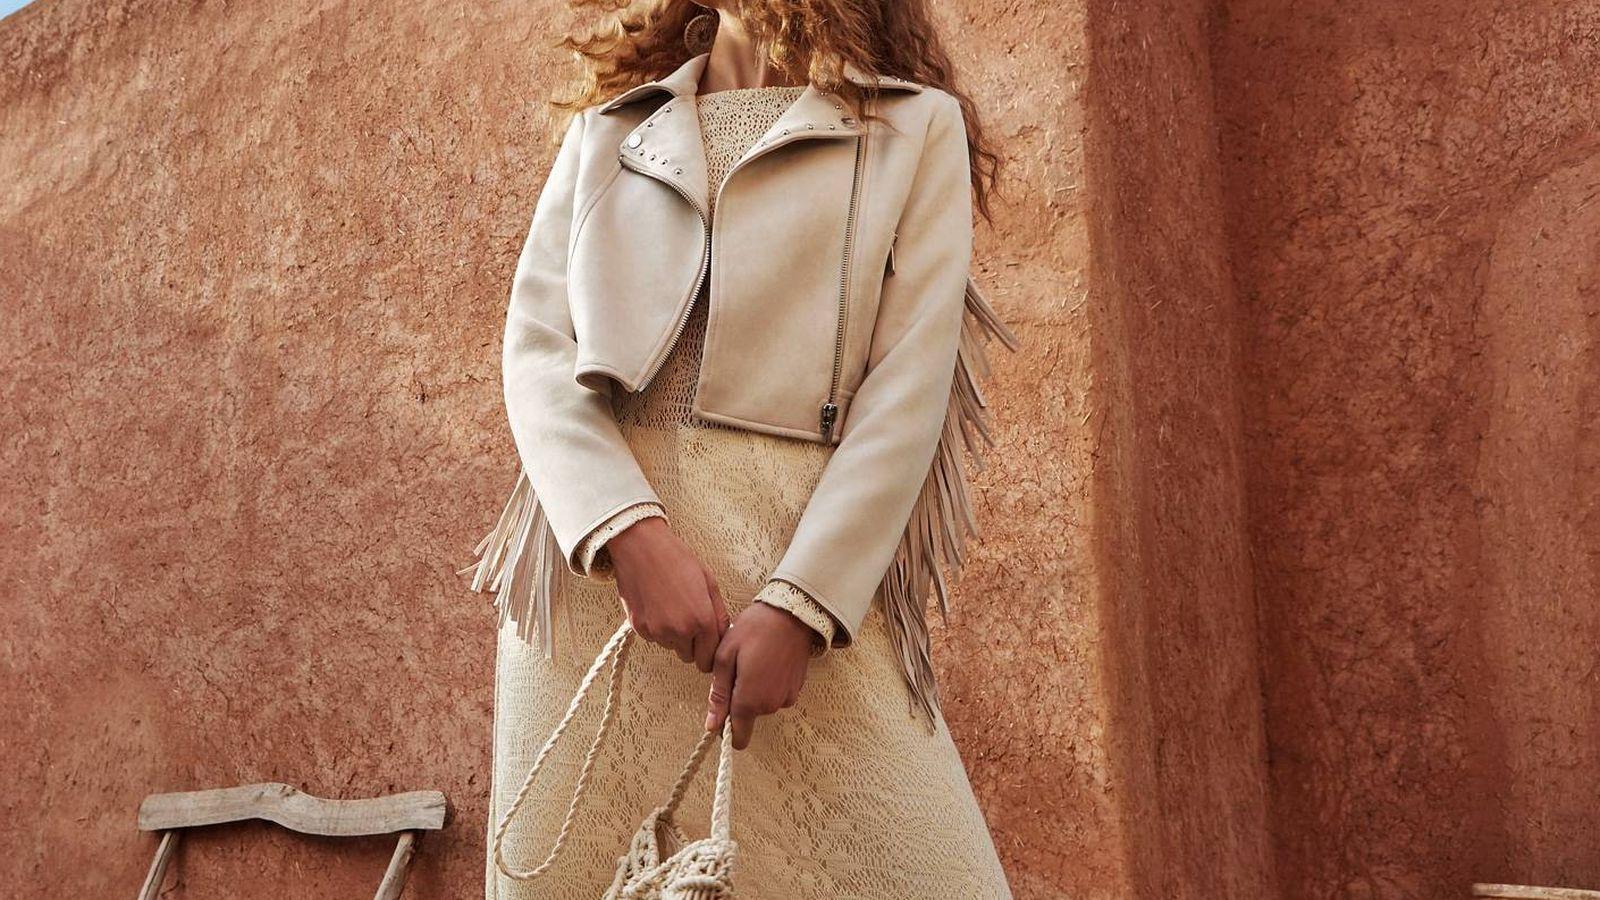 Foto:  El estilo Wild West marcará tus looks de entretiempo. (Cortesia Stradivarius)